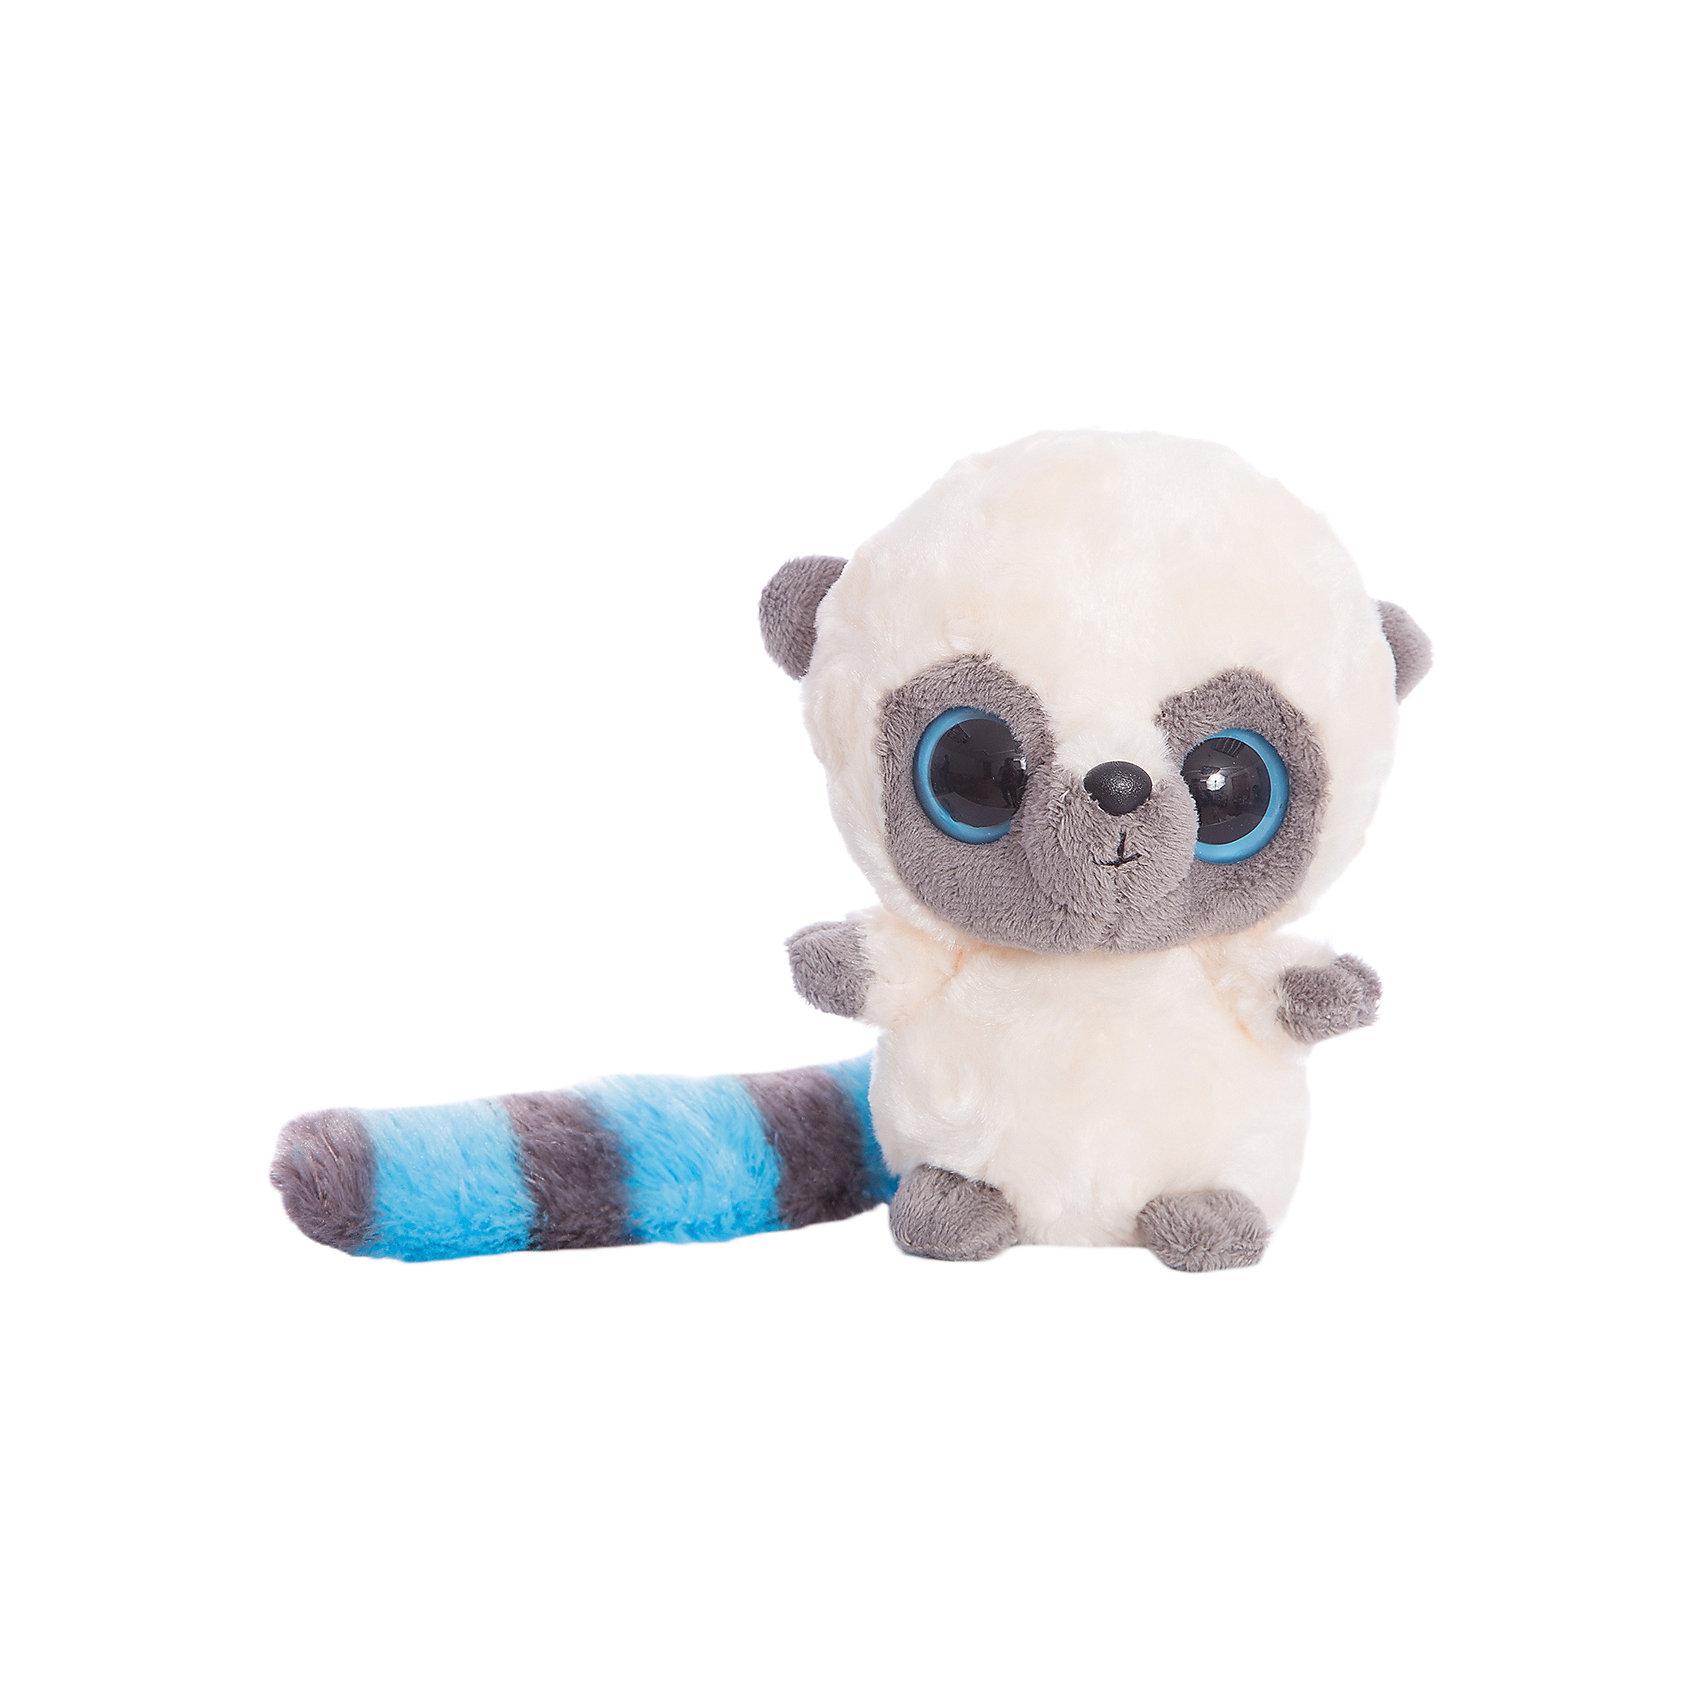 Мягкая игрушка Юху голубой, 12см, Юху и друзья, AURORAМилый и такой мягкий лемур Юху из  мультфильма Юху и его друзья обязательно понравится Вашему ребенку! У него бело-серая шерстка и  серо-голубой хвостик, а еще у Юху очень красивые глаза.<br><br>Дополнительная информация:<br><br>- Возраст: от 3 лет.<br>- Материал: плюш, синтепон.<br>- Высота игрушки: 12 см.<br>- Вес игрушки: 120 г.<br><br>Купить мягкую игрушку Юху в голубом цвете из мультфильма Юху и друзья, можно в нашем магазине.<br><br>Ширина мм: 90<br>Глубина мм: 90<br>Высота мм: 120<br>Вес г: 100<br>Возраст от месяцев: 36<br>Возраст до месяцев: 120<br>Пол: Унисекс<br>Возраст: Детский<br>SKU: 4929020